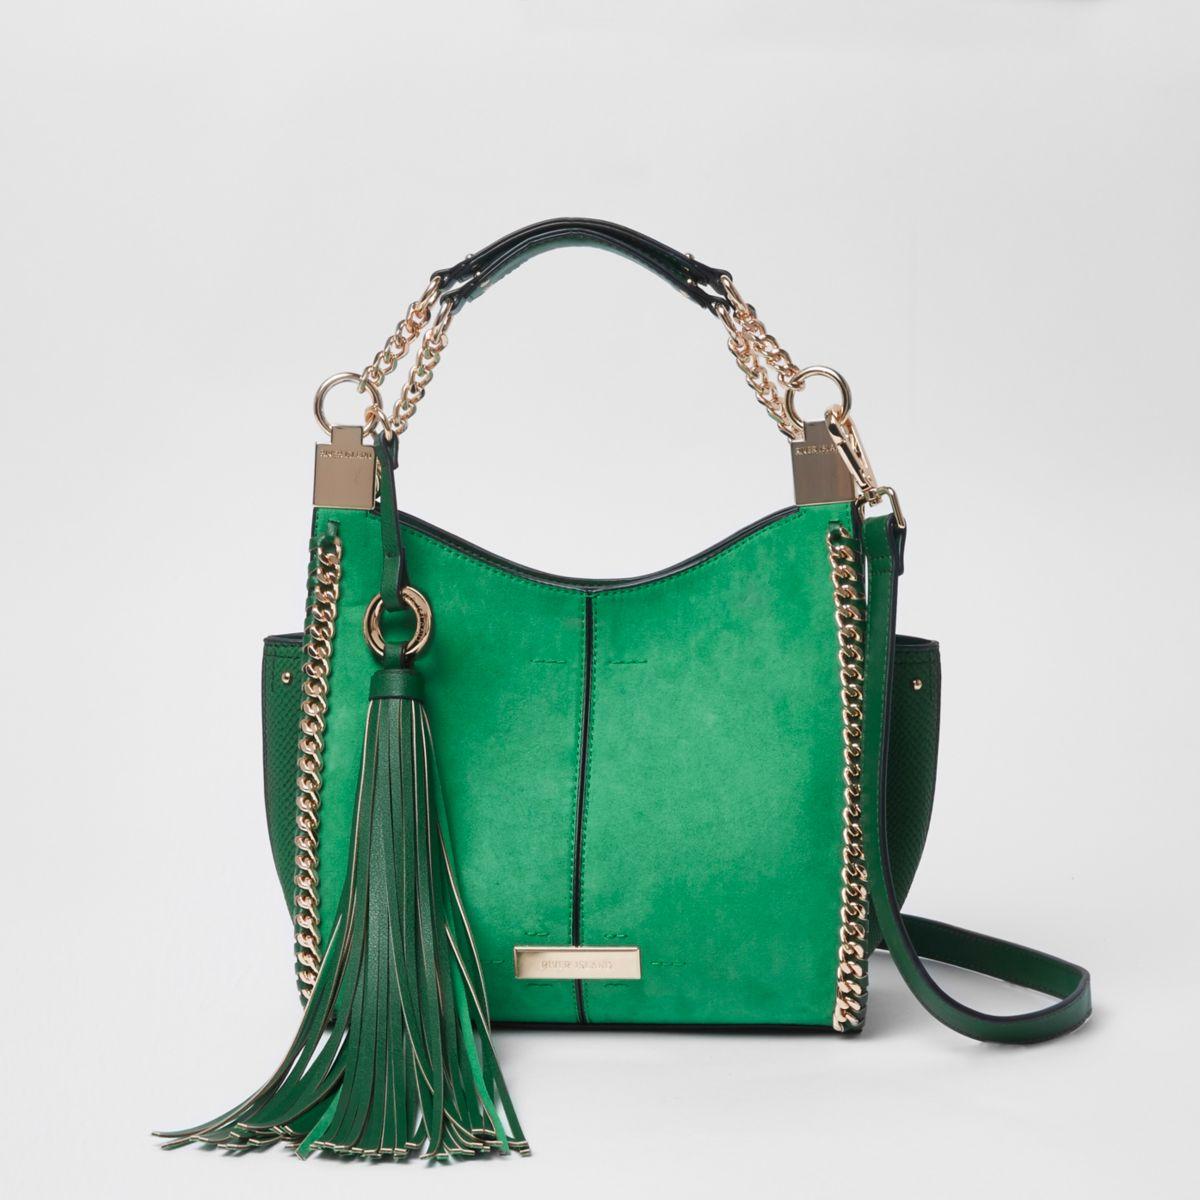 Groen kleine tas met ketting aan de zijkant